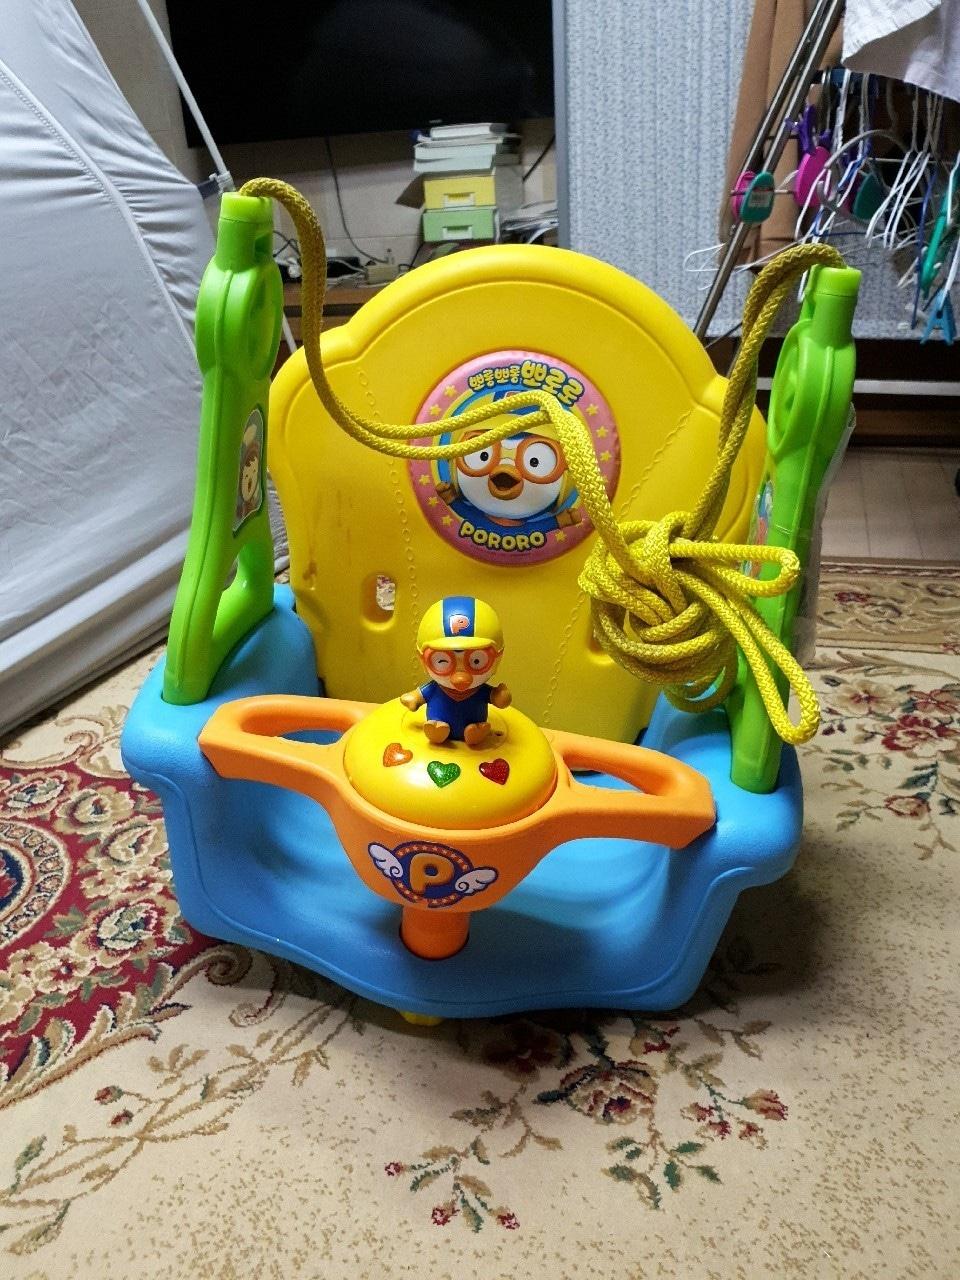 노래나오는 뽀로로 멜로디 안전그네 / 승용완구 / 그네  장난감 아기그네